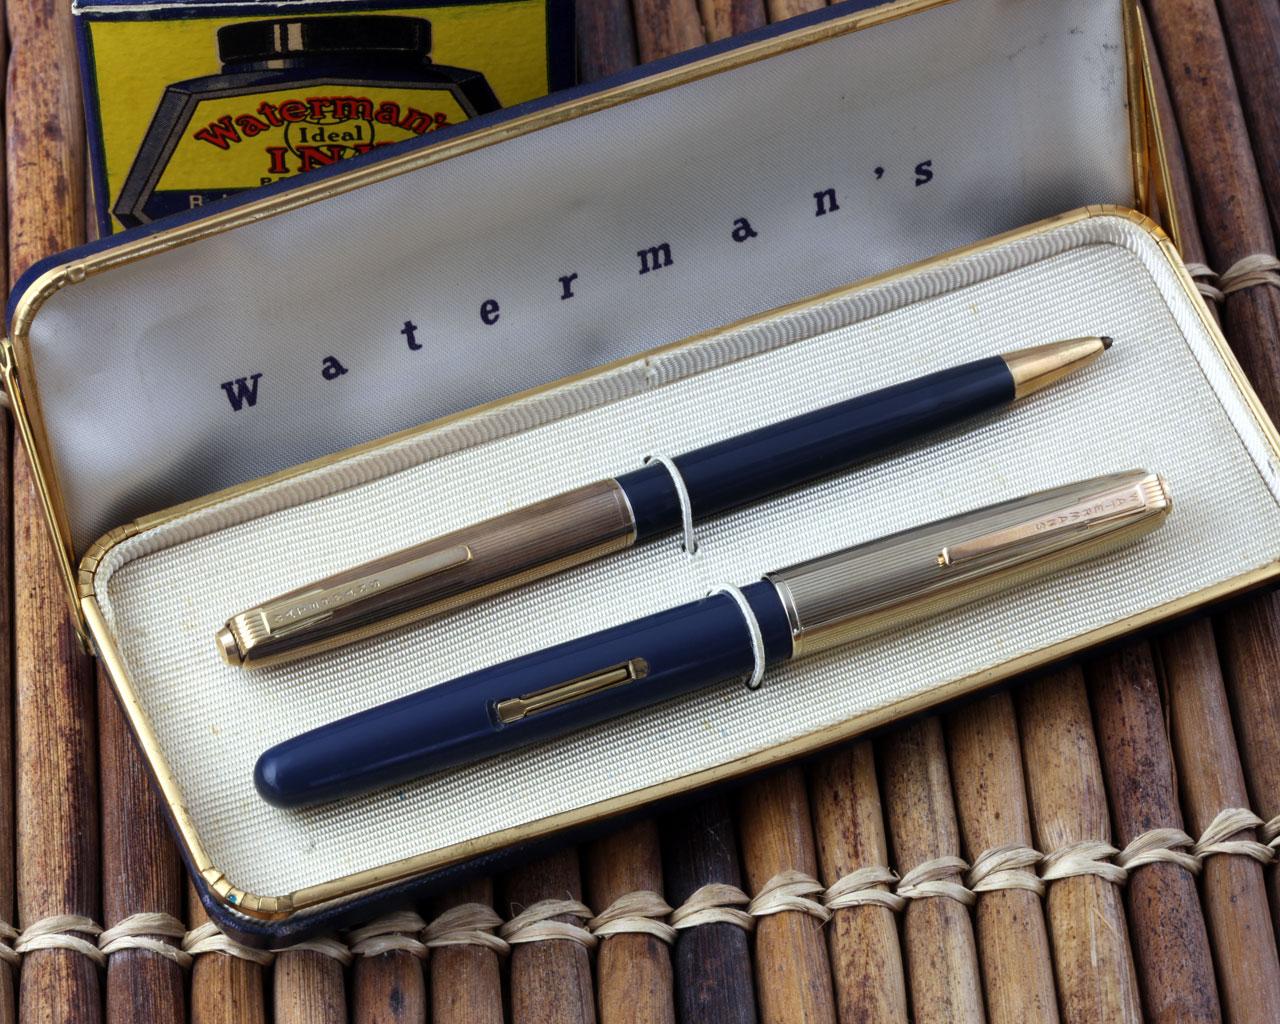 Fountain identification waterman pen Waterman Pens